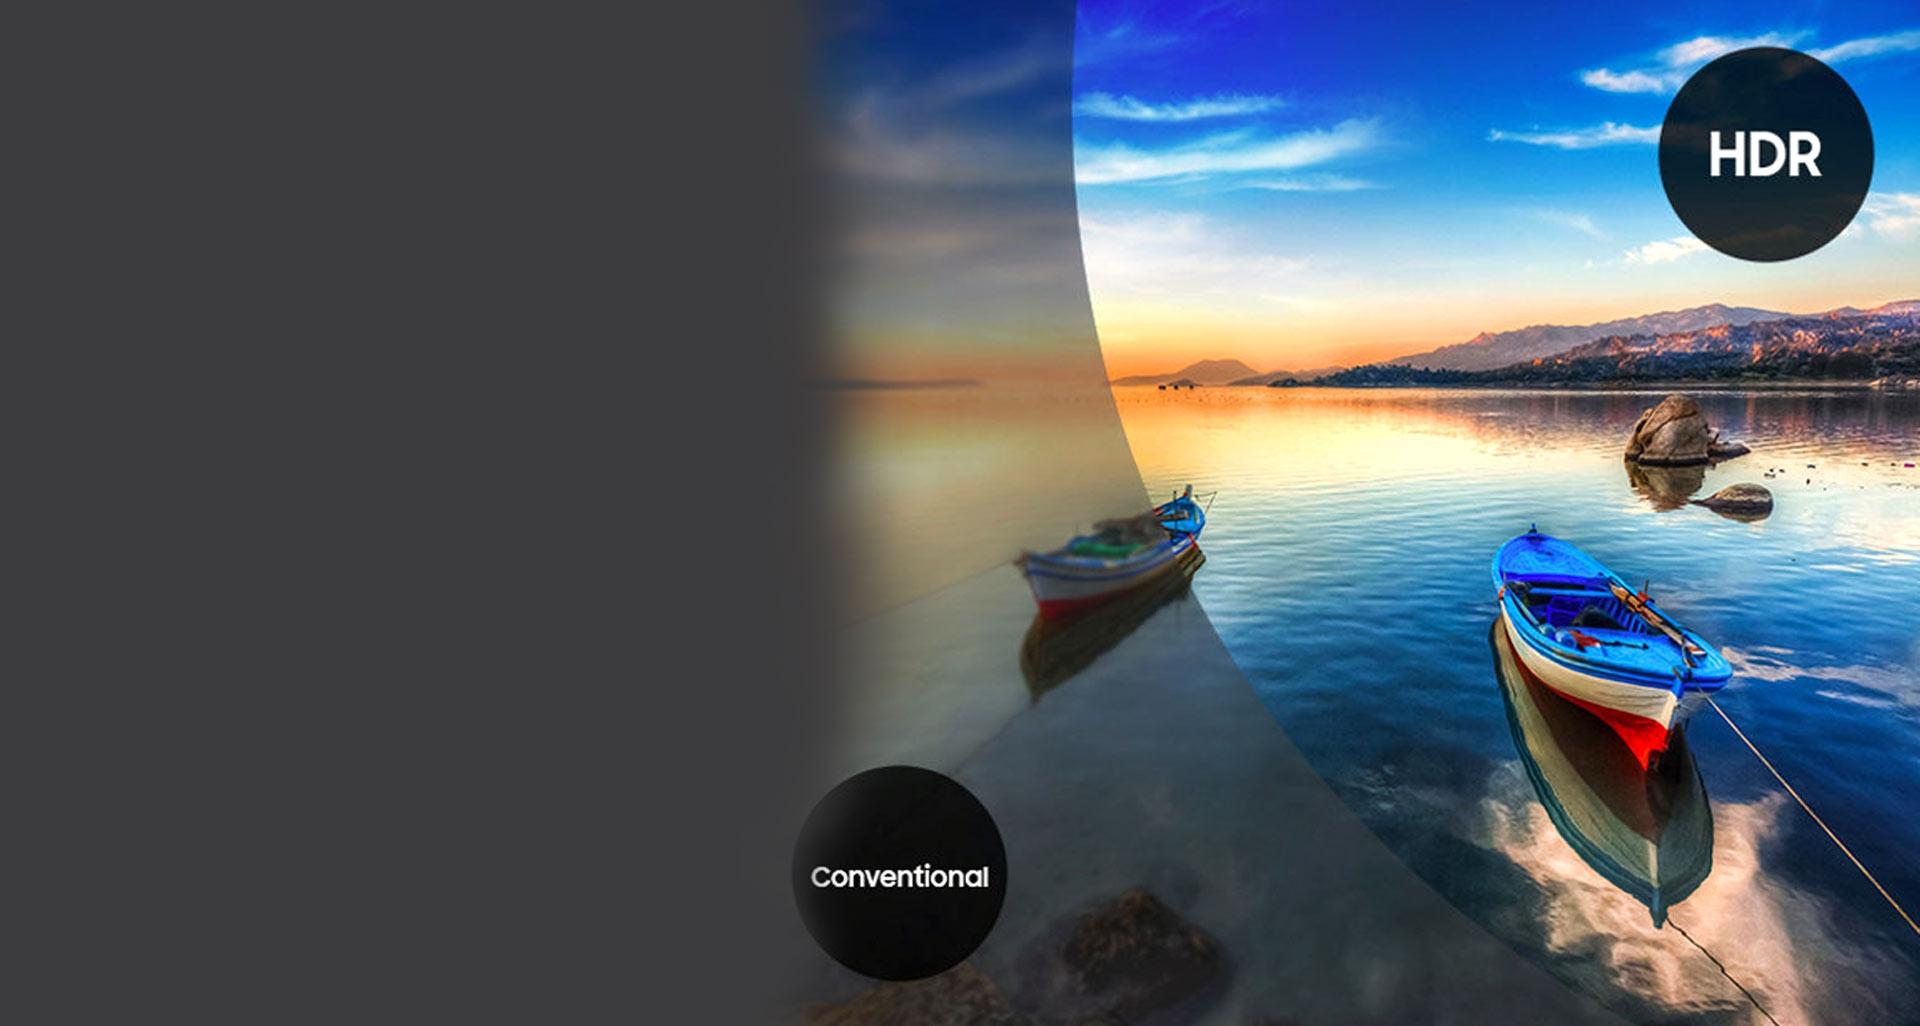 ال ای دی 50 اینچ سری 7 سامسونگ با شفافیت استثنایی تصویر